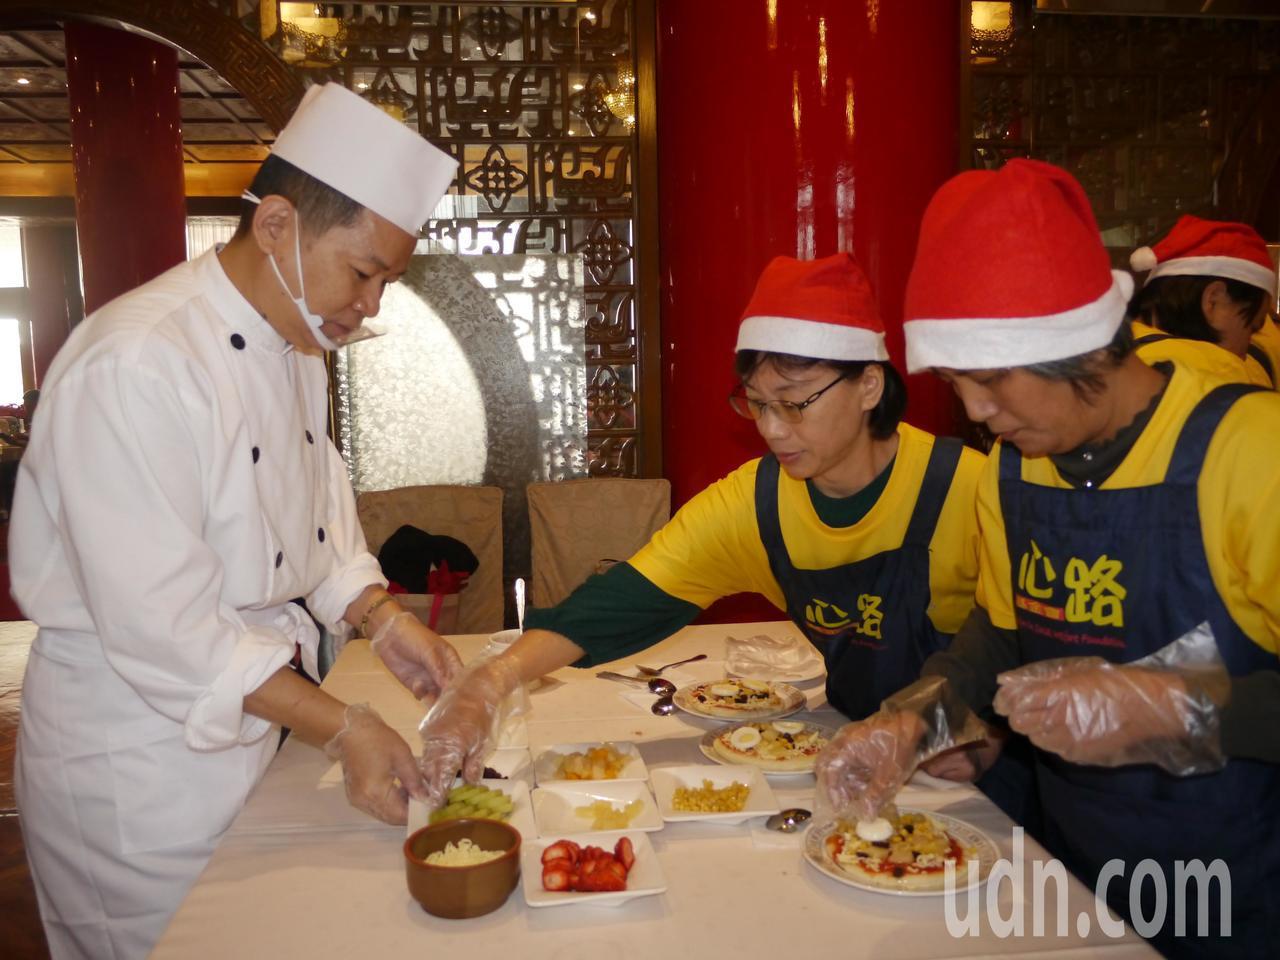 圓山飯店大廚指導製作披薩,初次體驗DIY披薩的心路青年開心極了。記者徐白櫻/攝影